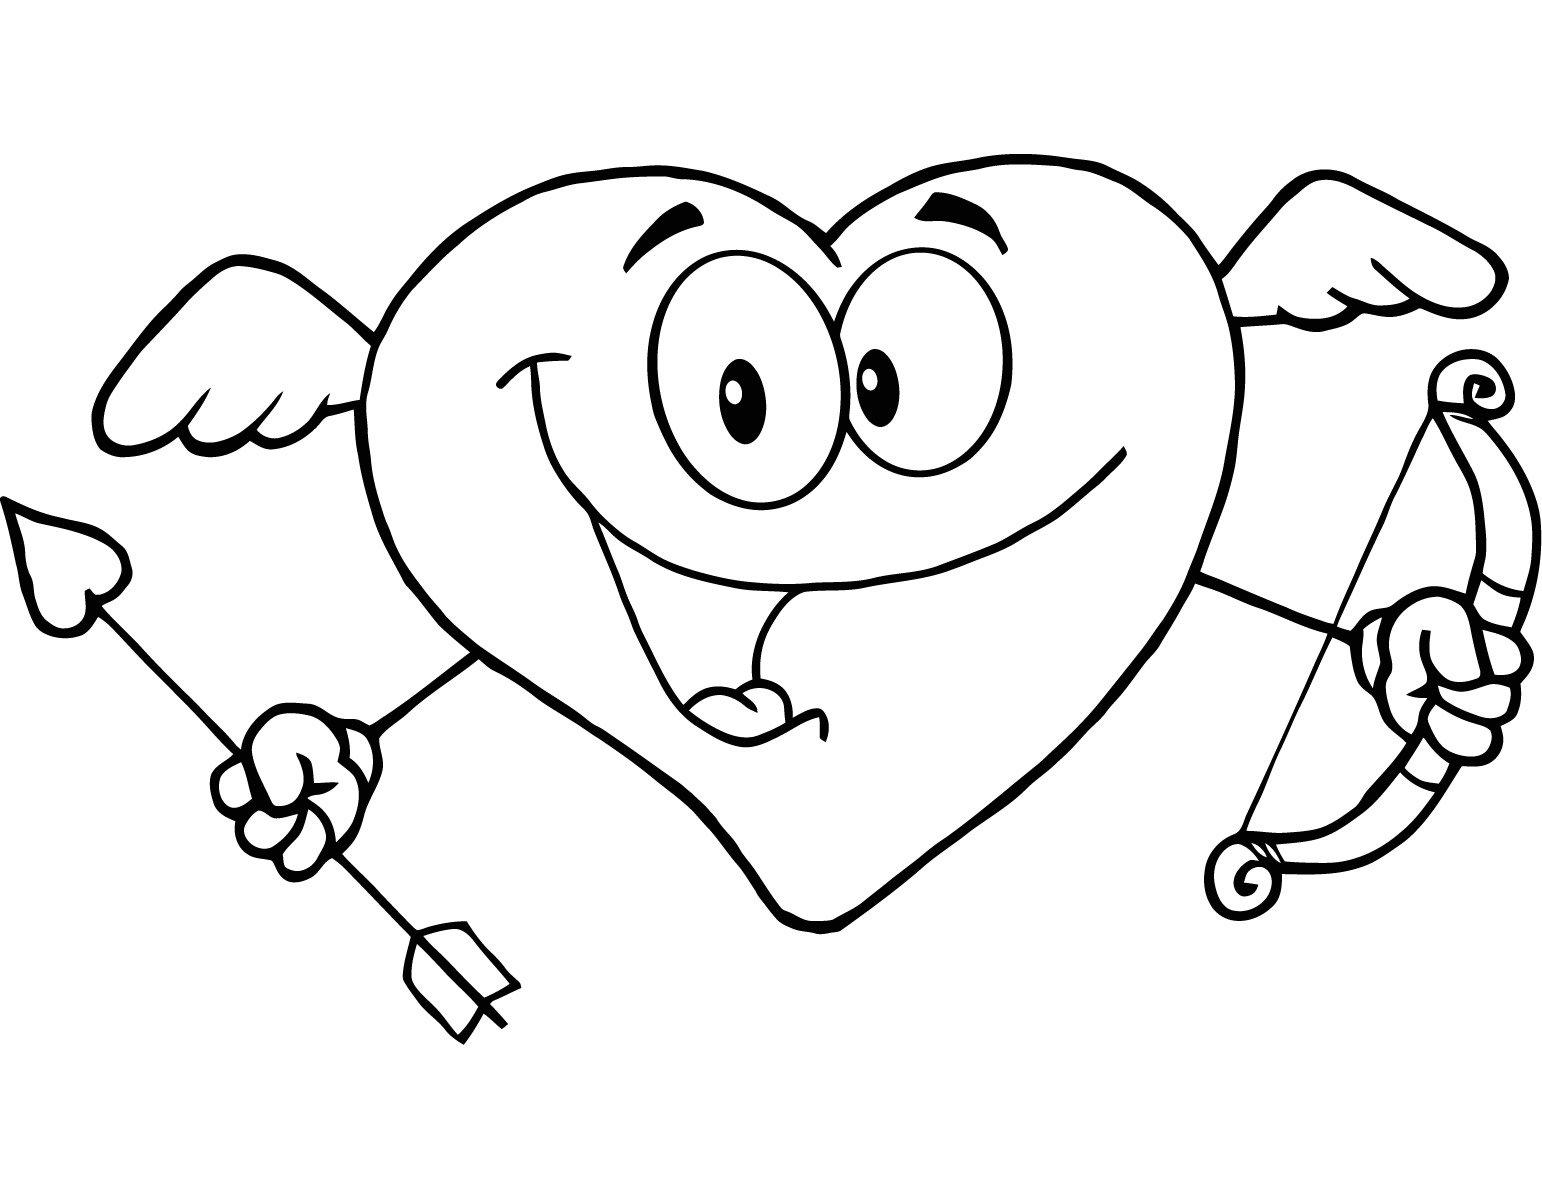 Dibujos de Cupido para Colorear, parte 2